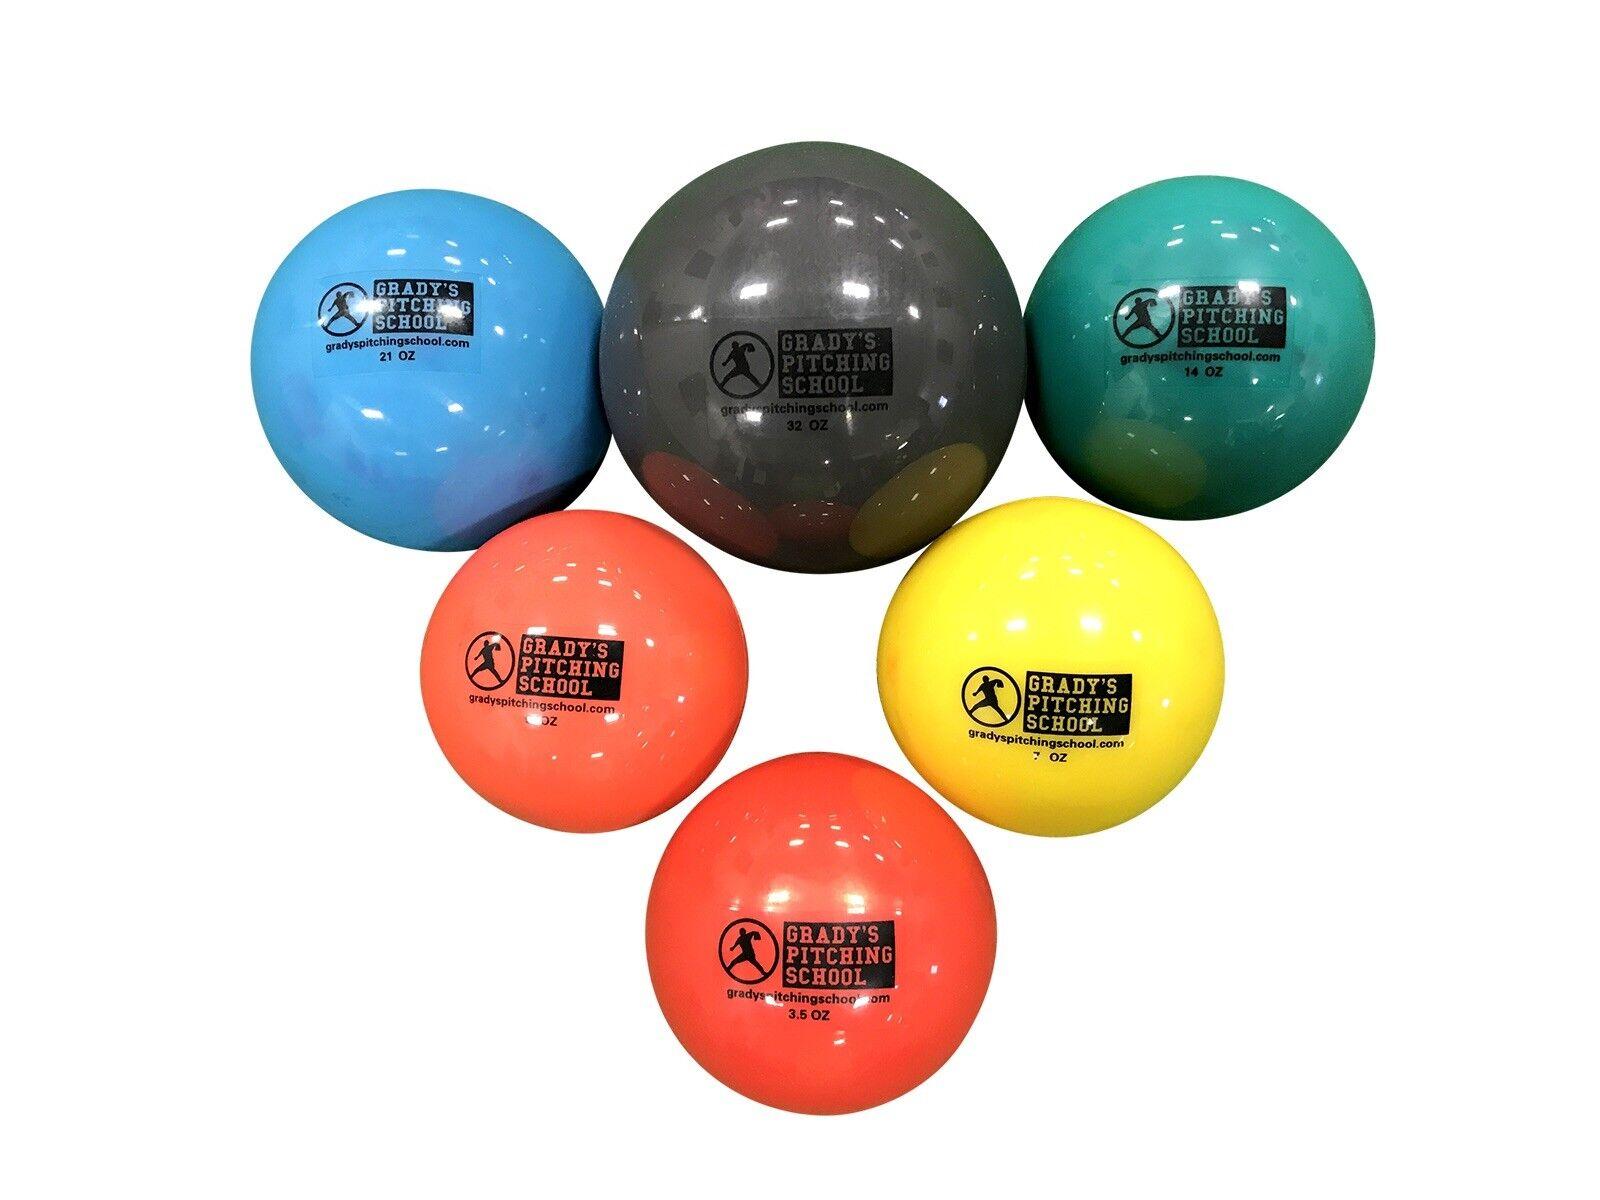 Plyo Weighted Baseball Set 3.5, 5, 7, 14, 21, 21, 21, 32oz-Increase Pitching Velocity 4cf228